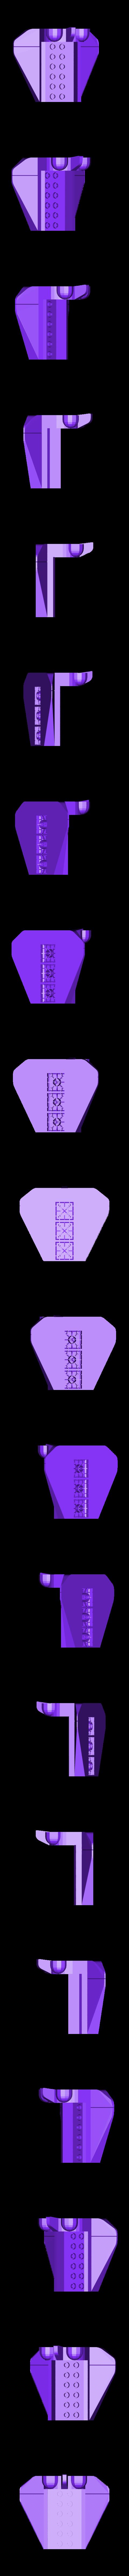 cockpit_back.STL Télécharger fichier STL gratuit navette spatiale en brique • Design pour imprimante 3D, sergioinglese